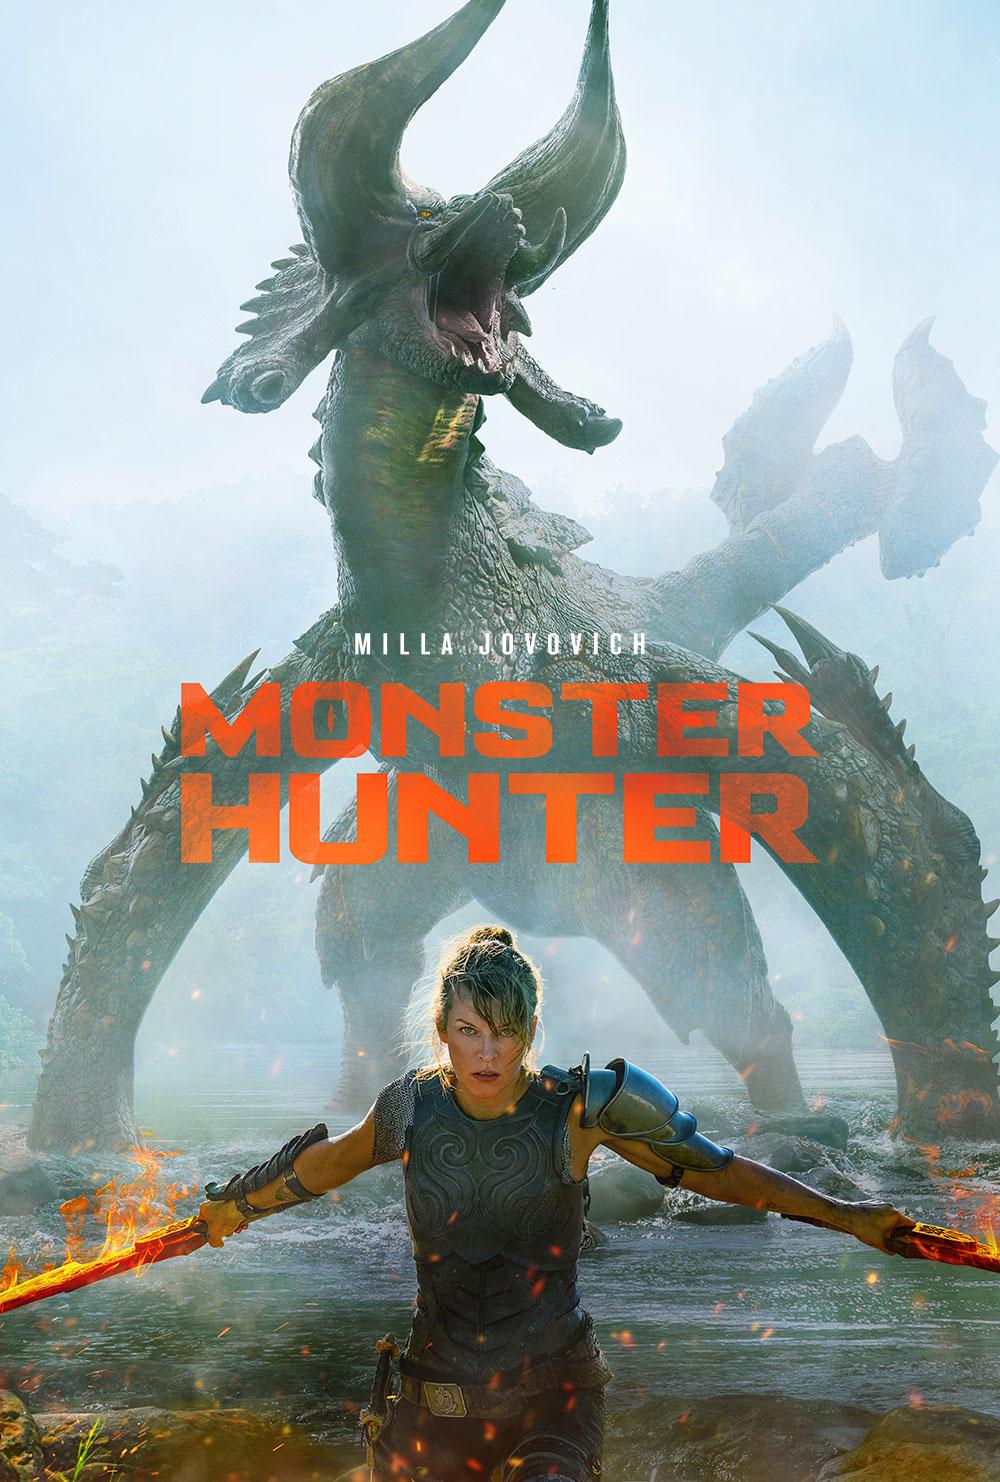 Monster Hunter poster image